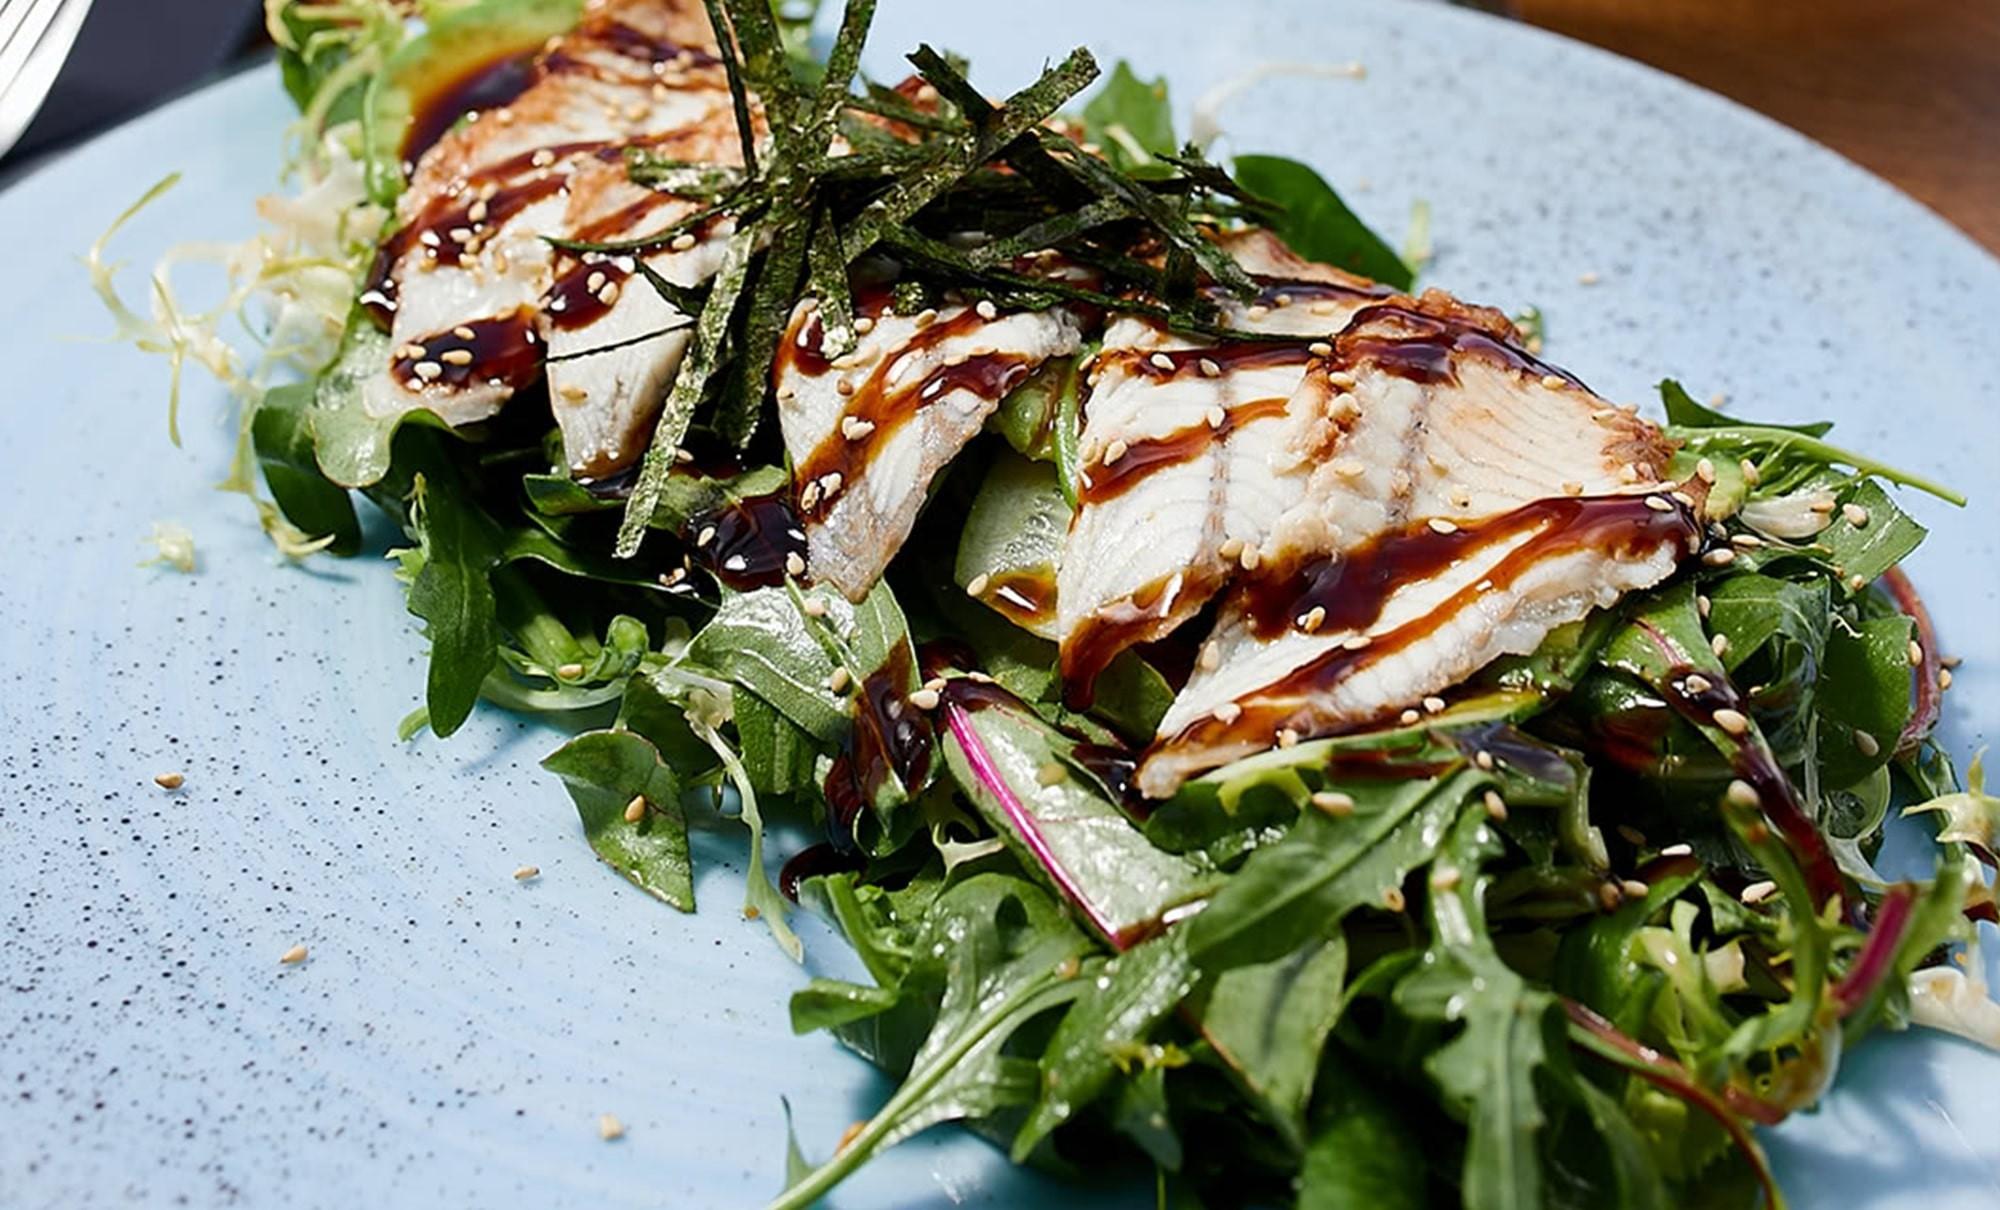 азиатский салат с угрем и авокадо с ореховым соусом в ресторане Веранда